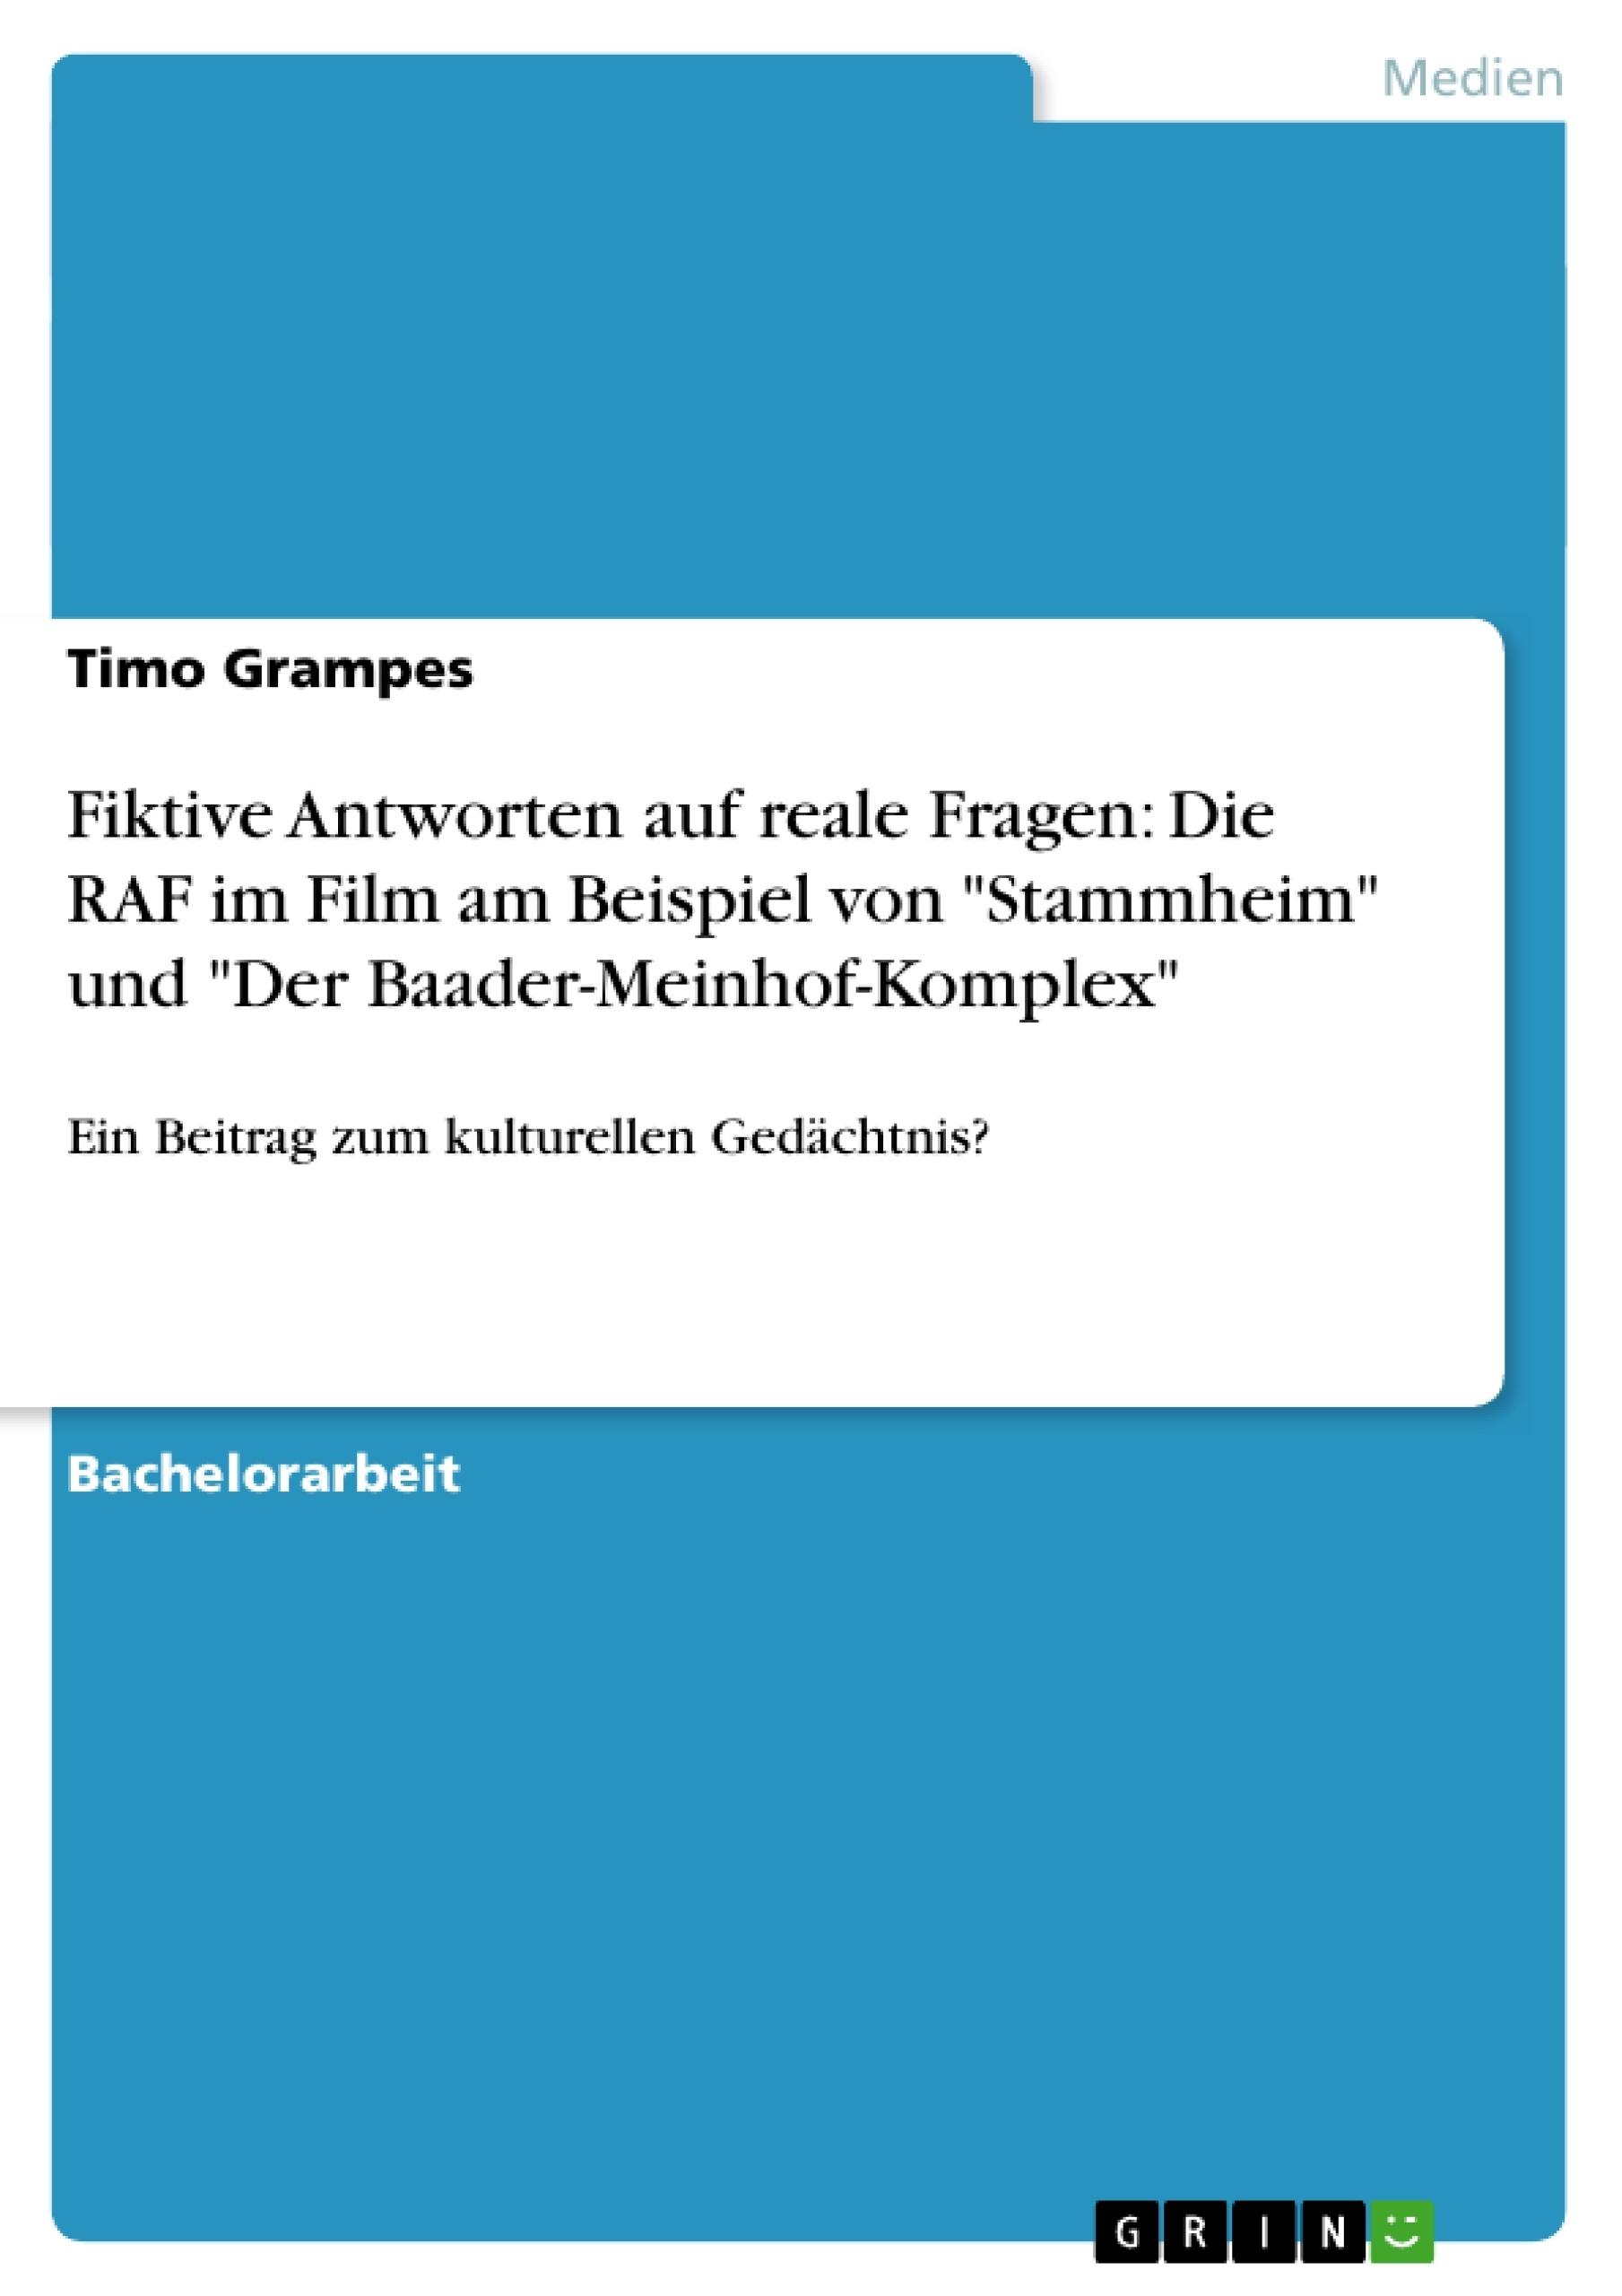 """Titel: Fiktive Antworten auf reale Fragen: Die RAF im Film am Beispiel von """"Stammheim"""" und """"Der Baader-Meinhof-Komplex"""""""